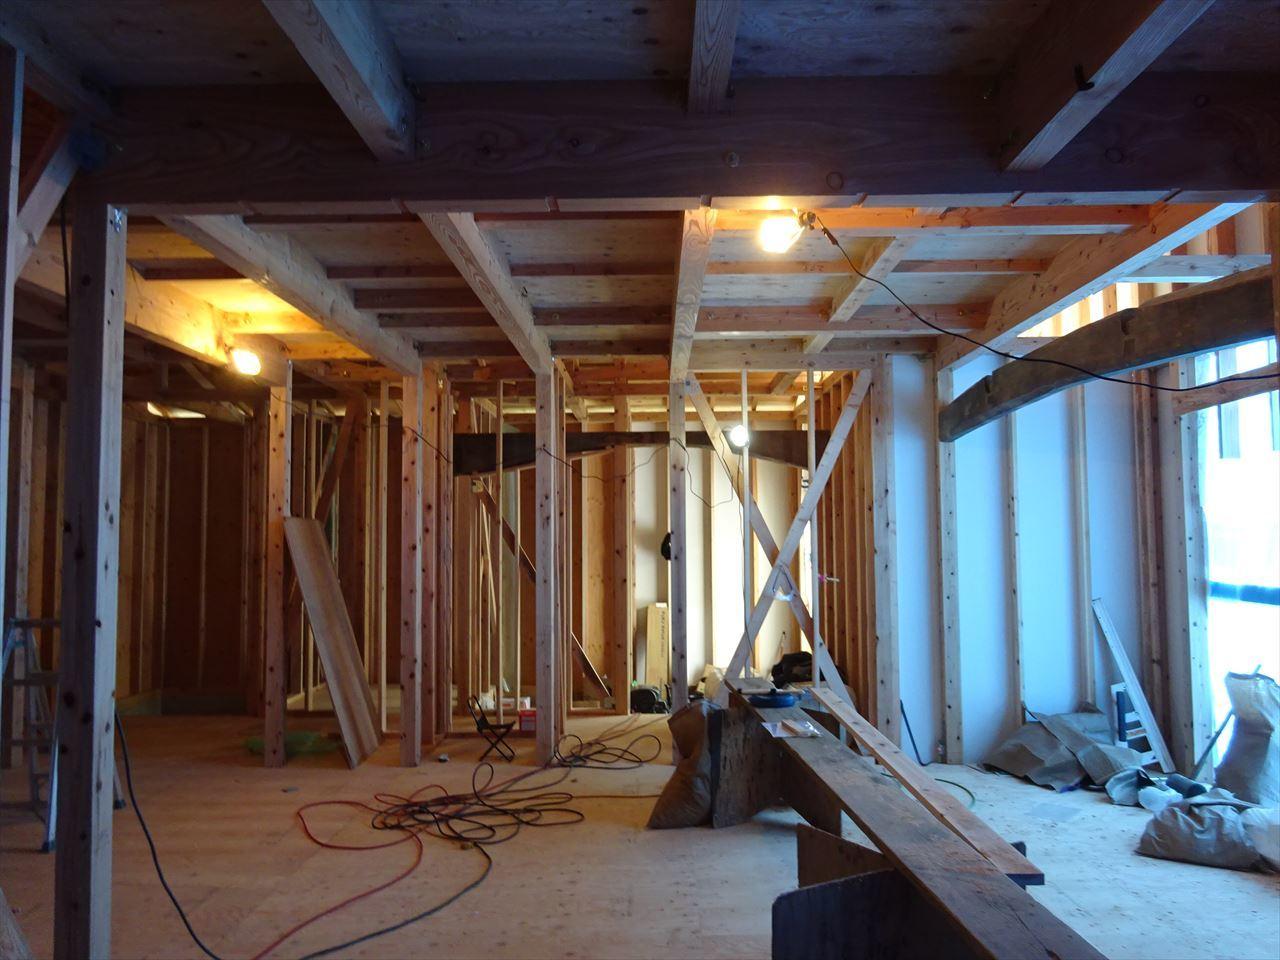 下太田 古材新築の家 建て方作業進行中です。_f0105112_04213538.jpg